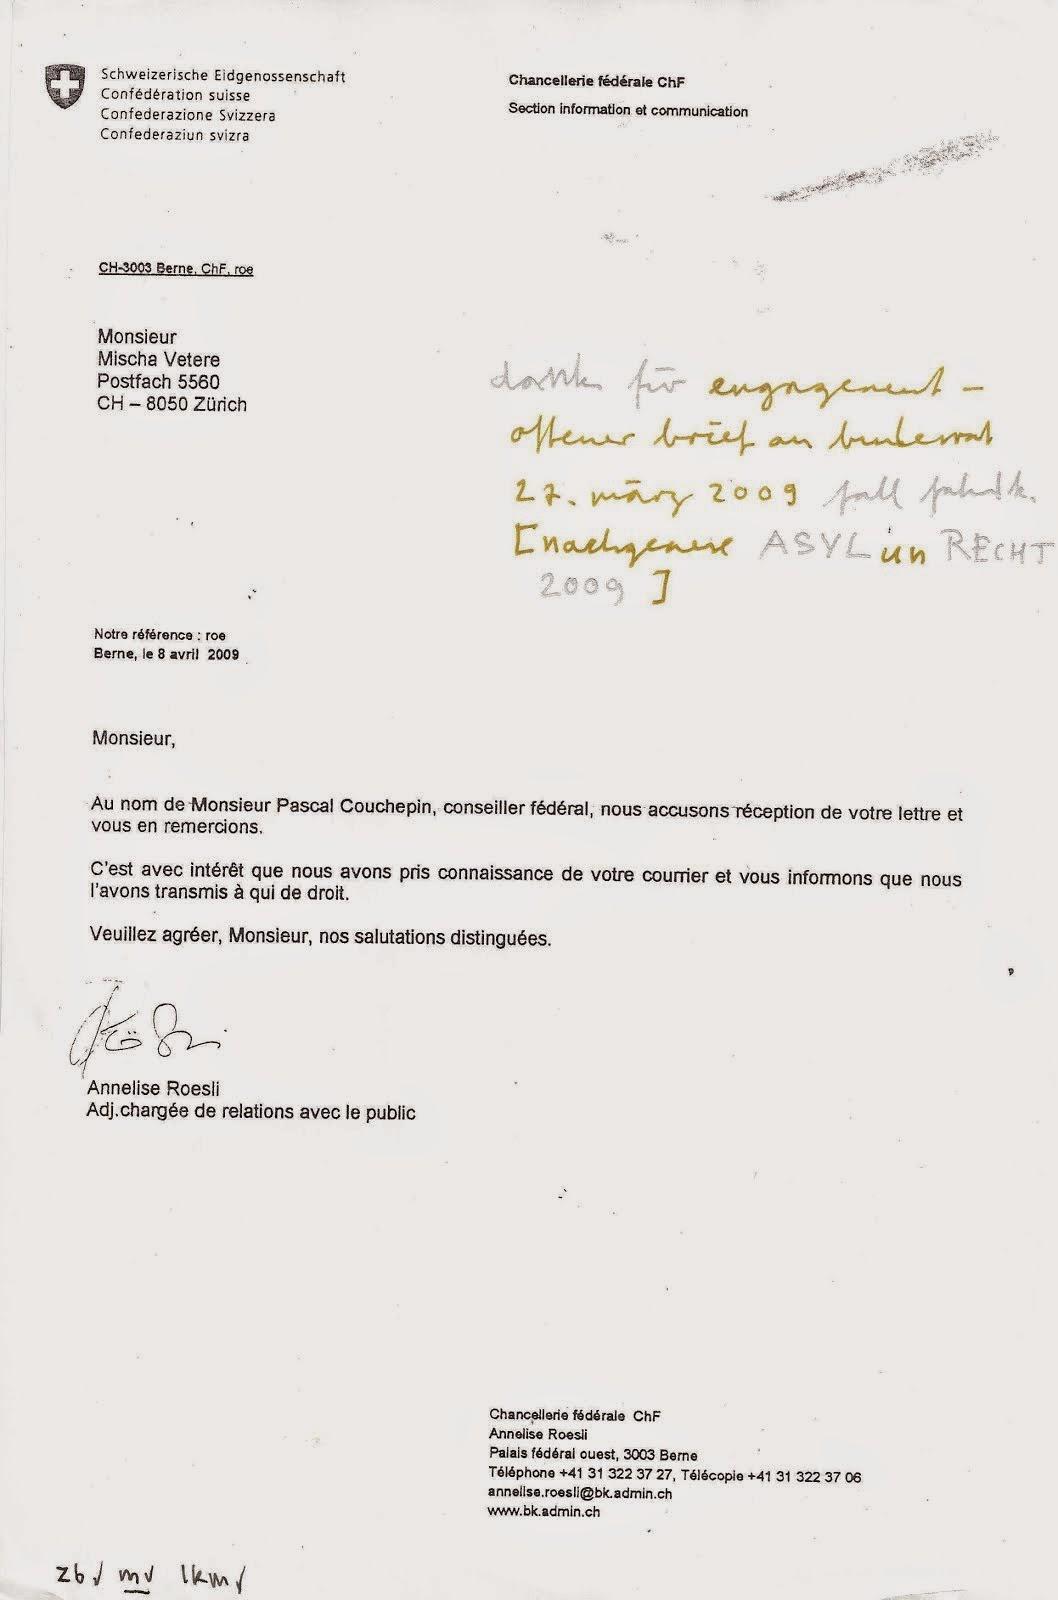 remerciement pascal couchepin, conseil fédéral  cas fahad k, la forteresse 2009  mischa vetere ews